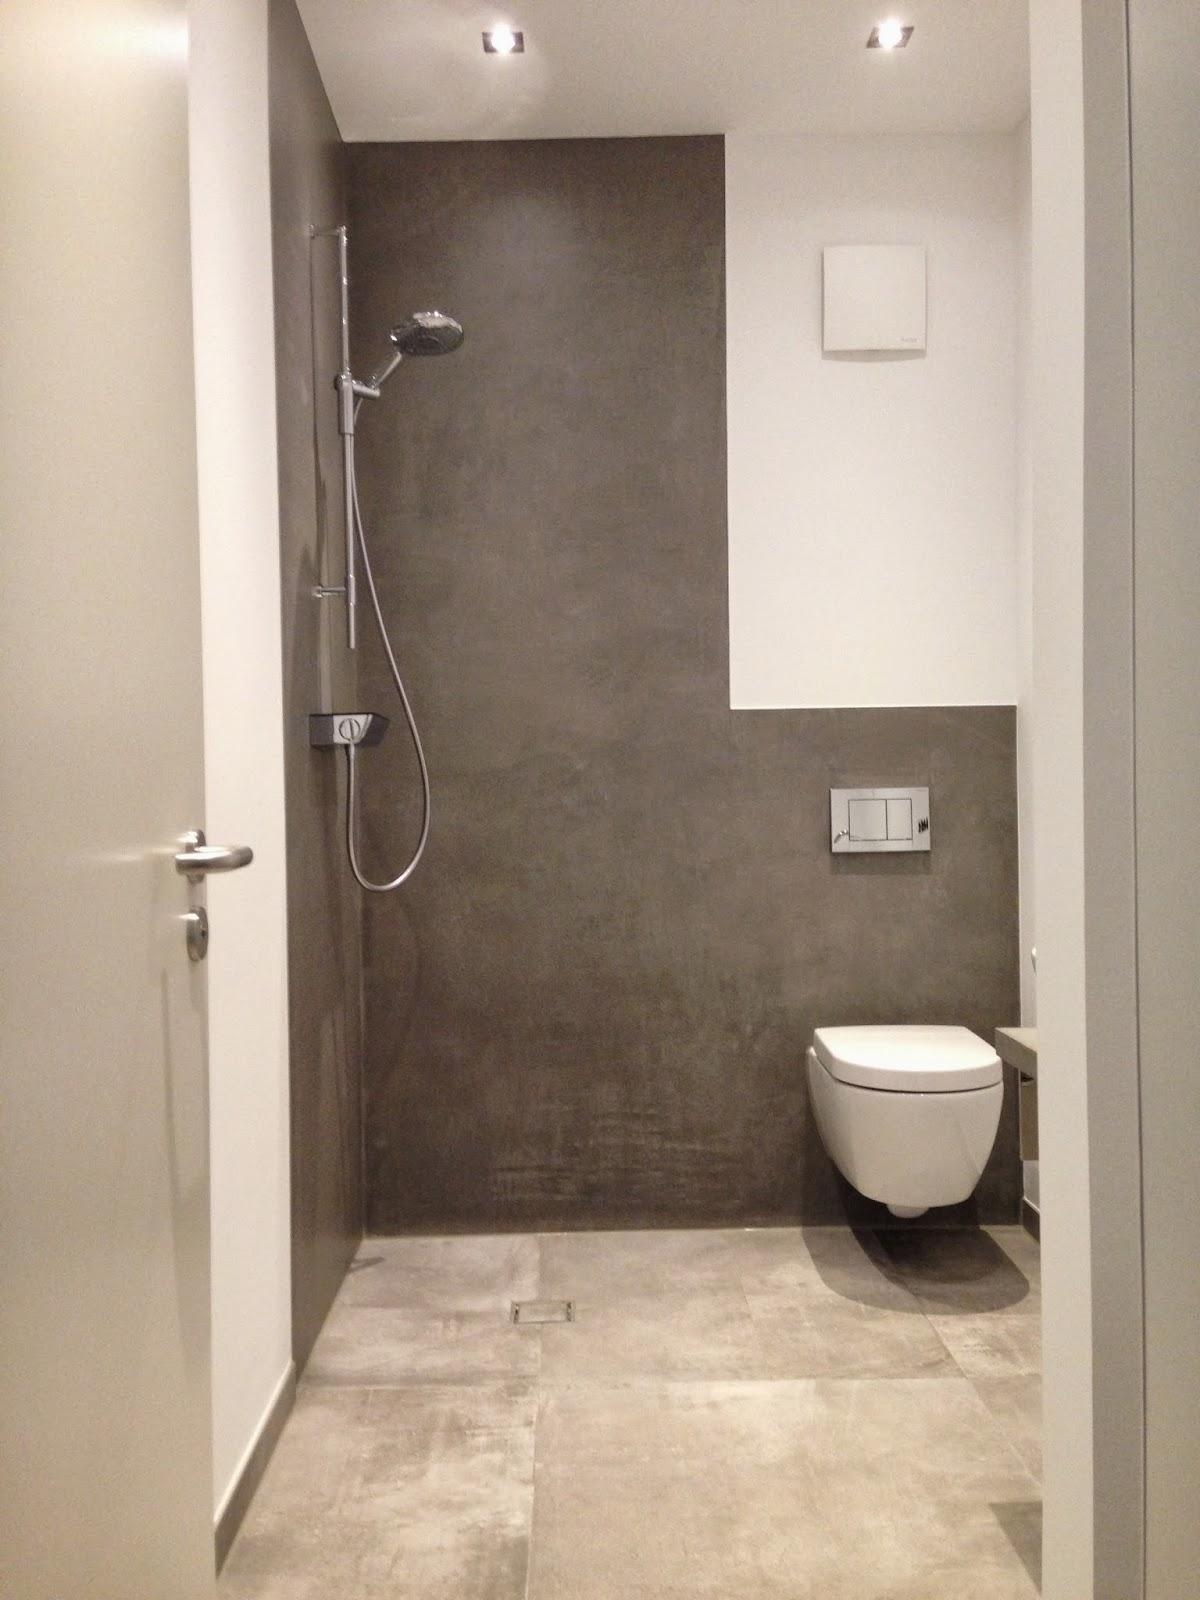 beton cire oberfl chen in beton look beton dusche besserbauen beton cire bremen. Black Bedroom Furniture Sets. Home Design Ideas